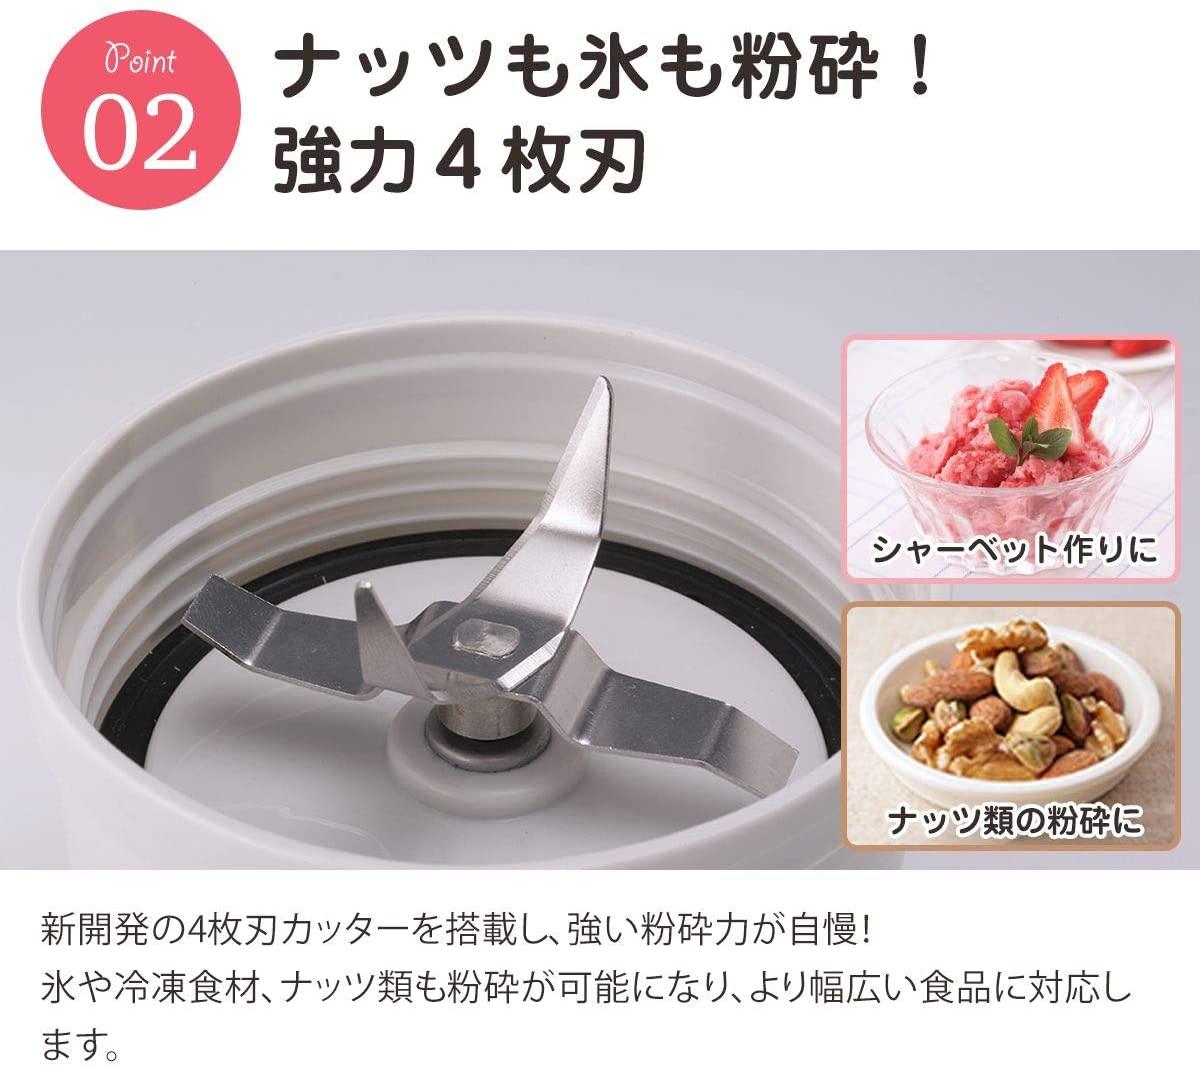 岩谷産業(いわたに)サイレントミルサー IFM-S30Gの商品画像4